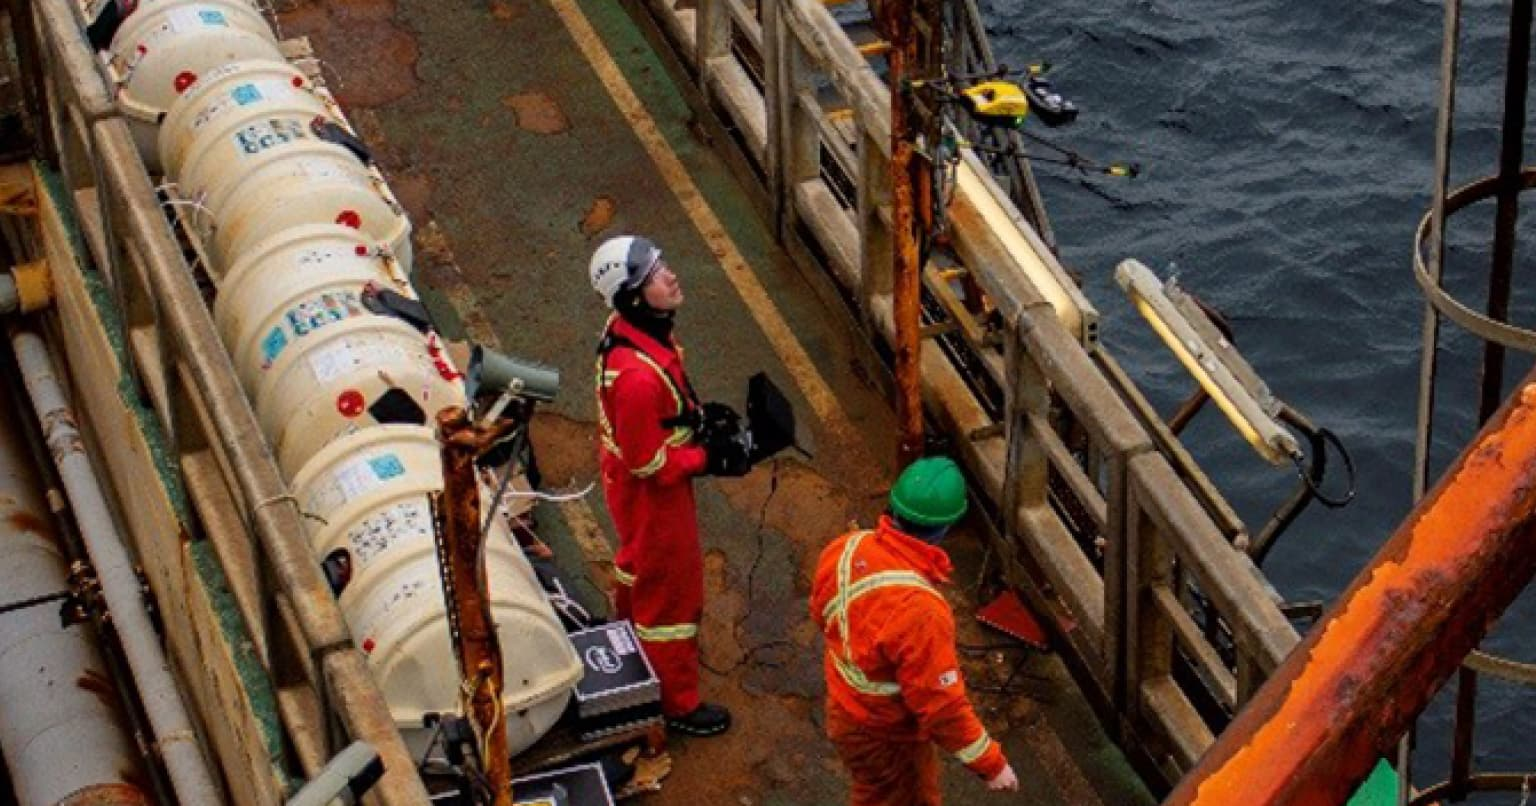 Darrell Durdle et son équipe se servent de drones pour inspecter le bec de torche à bord du Terra Nova.